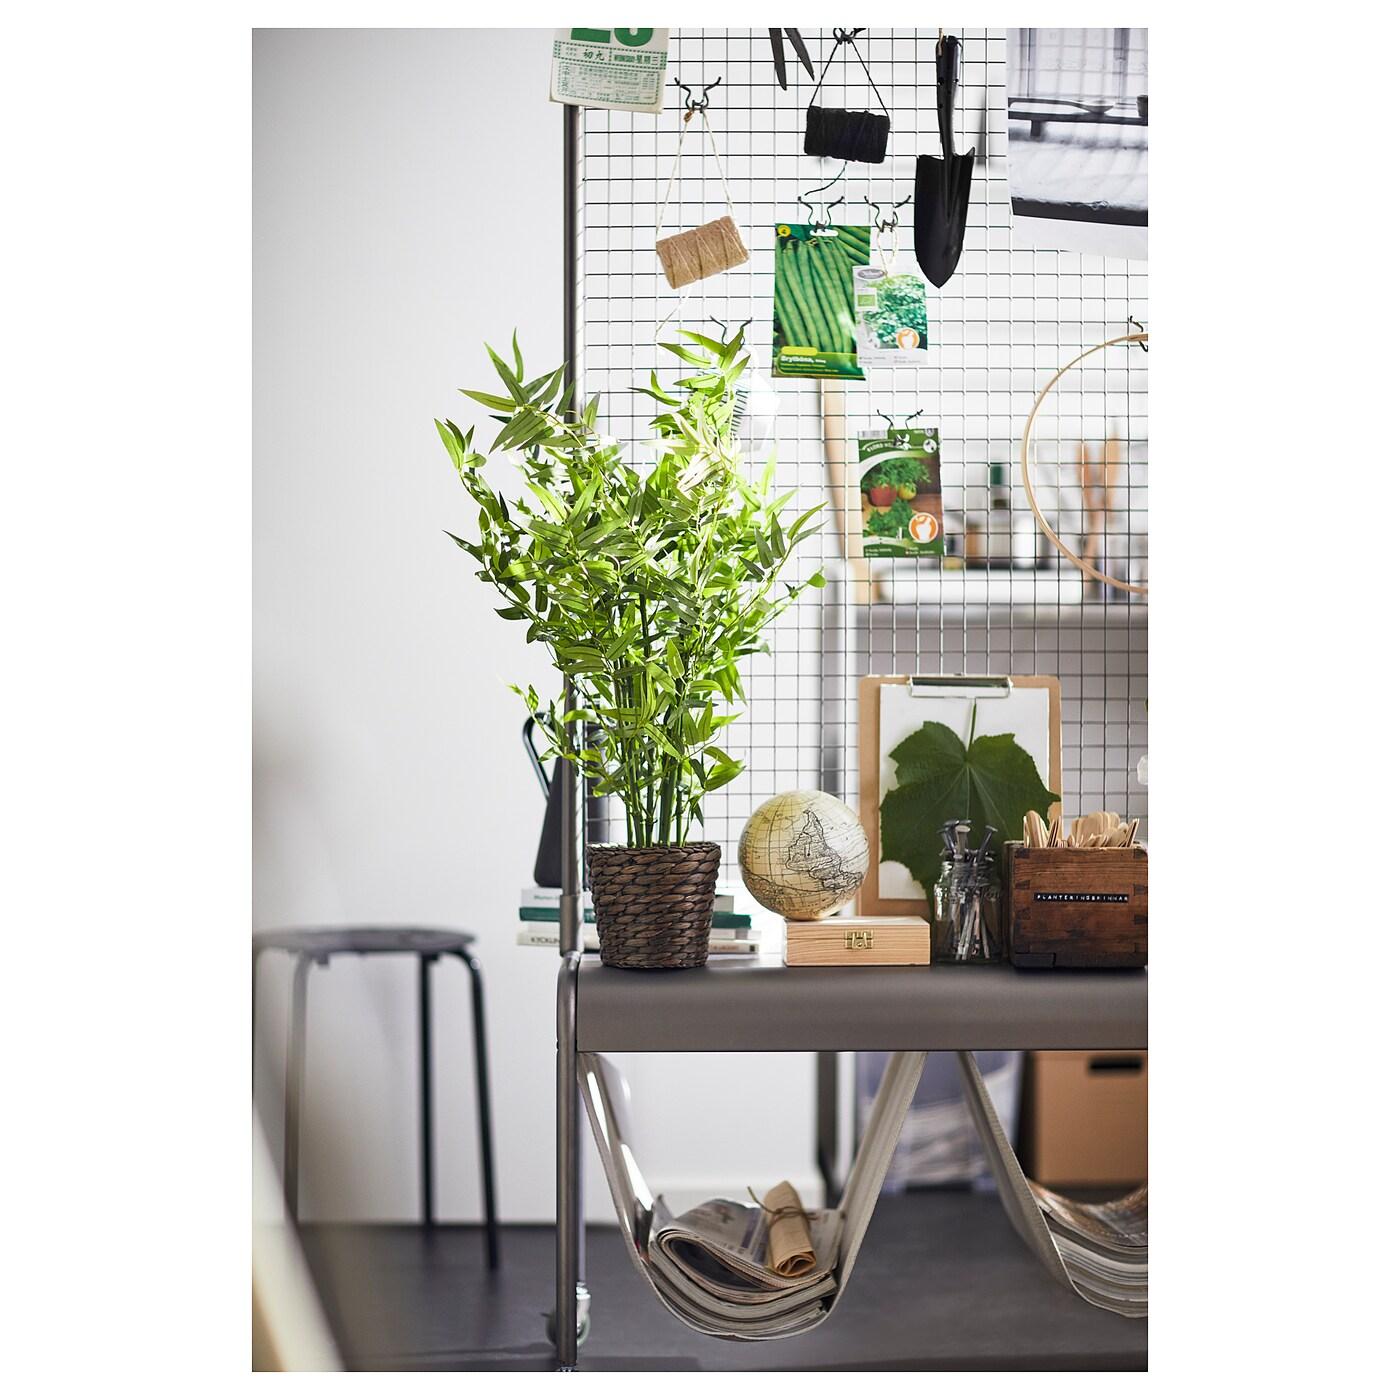 Full Size of Paravent Outdoor Ikea Veberd Room Divider Natural Garten Miniküche Sofa Mit Schlaffunktion Küche Kaufen Modulküche Kosten Betten Bei 160x200 Edelstahl Wohnzimmer Paravent Outdoor Ikea